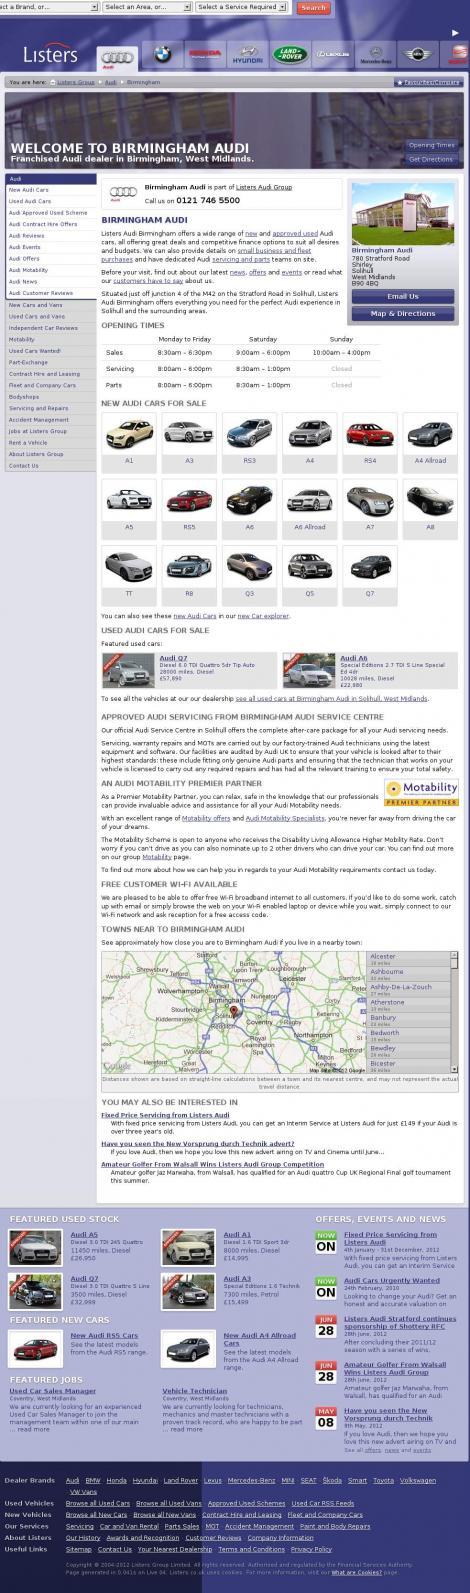 Birmingham Audi